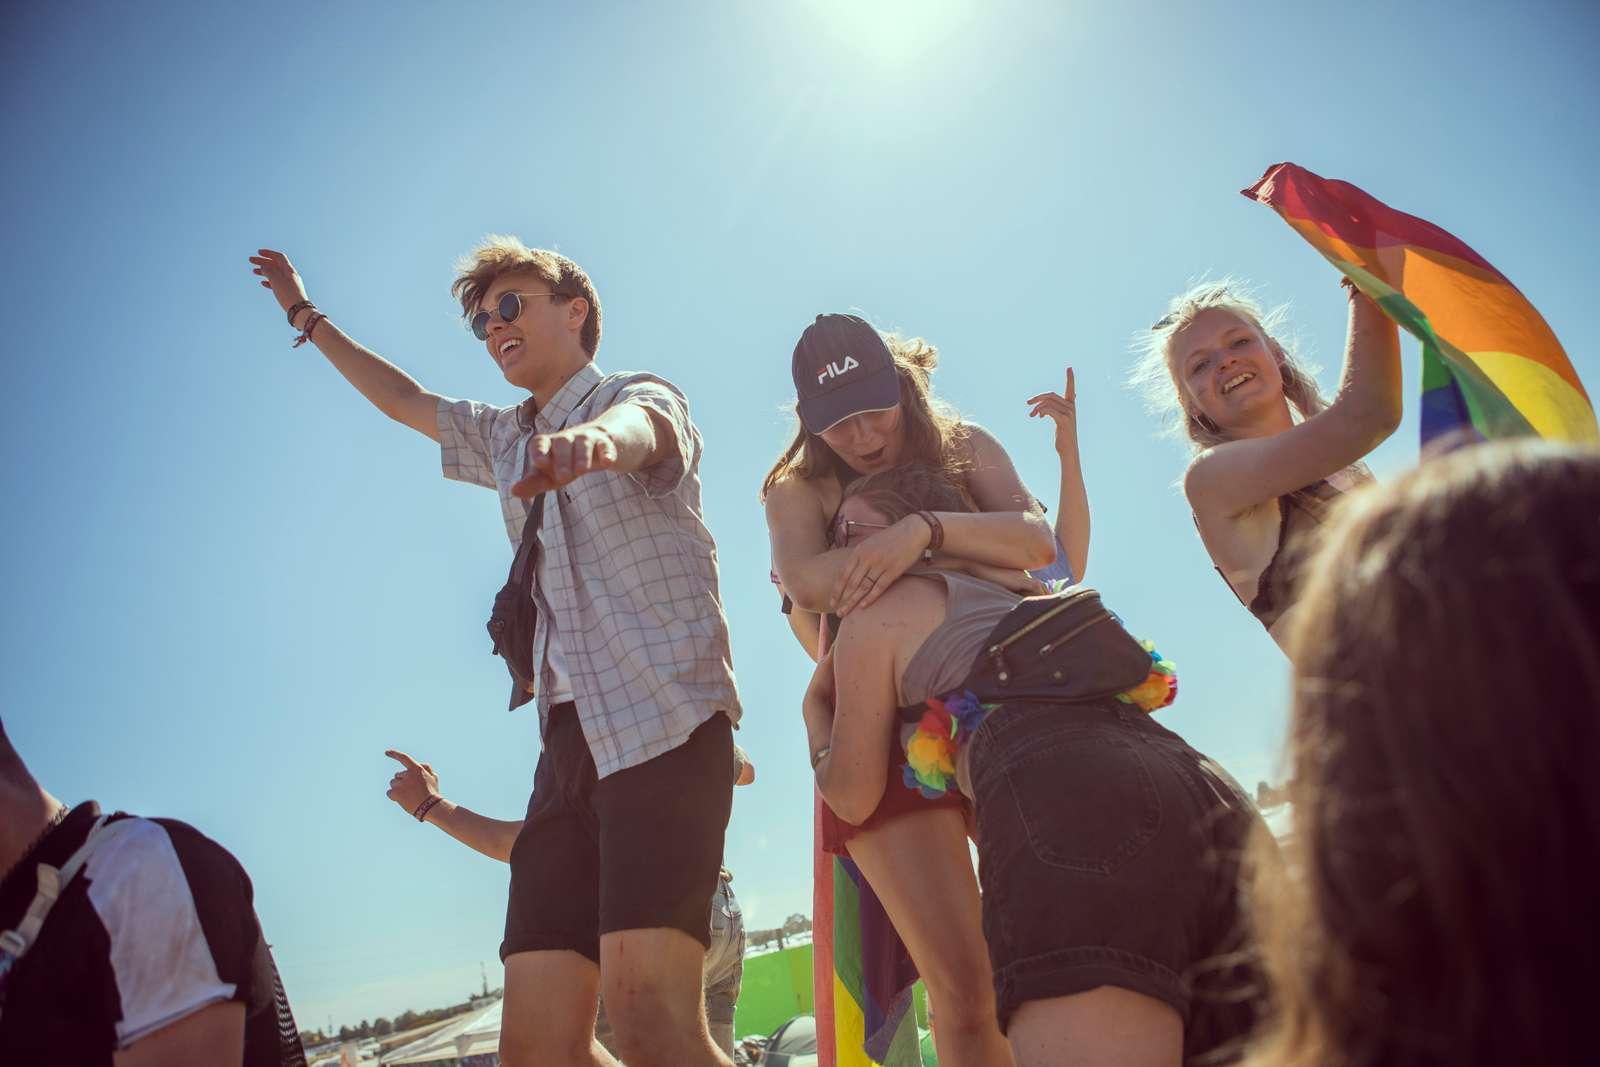 Escort girls in Roskilde